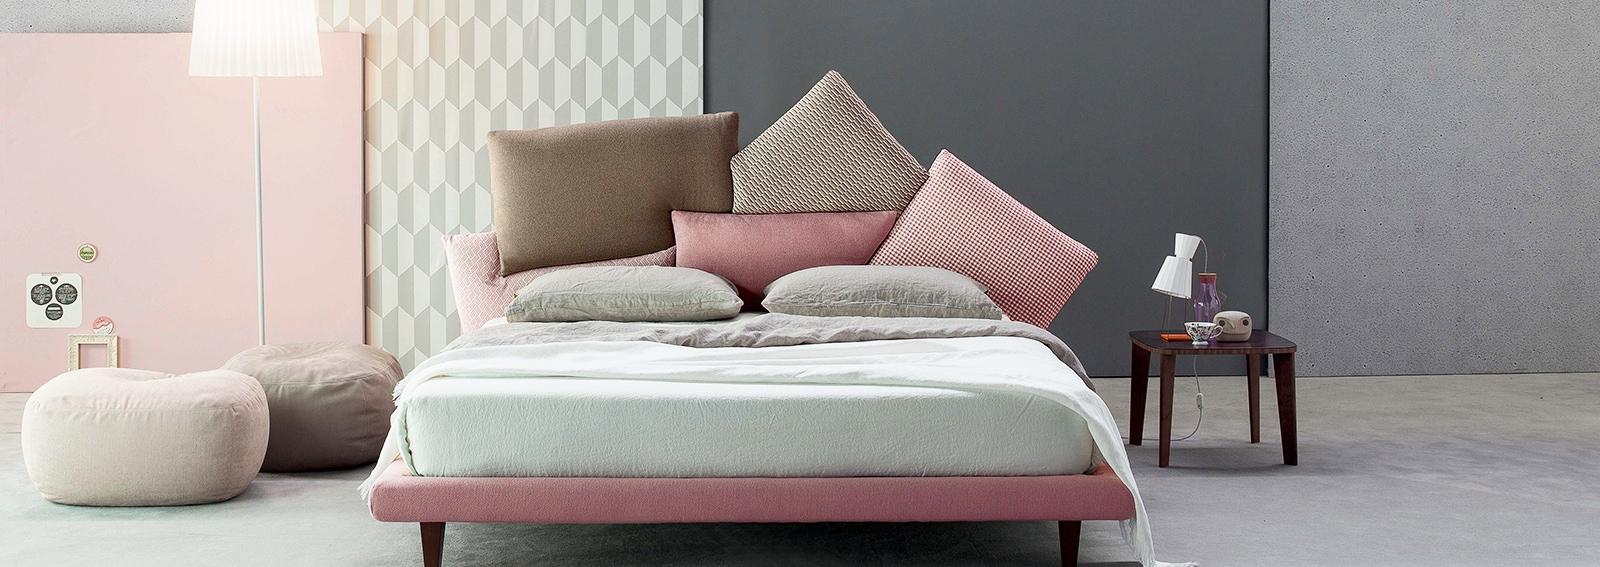 Camere da letto moderne le novit pi belle grazia for Aziende camere da letto